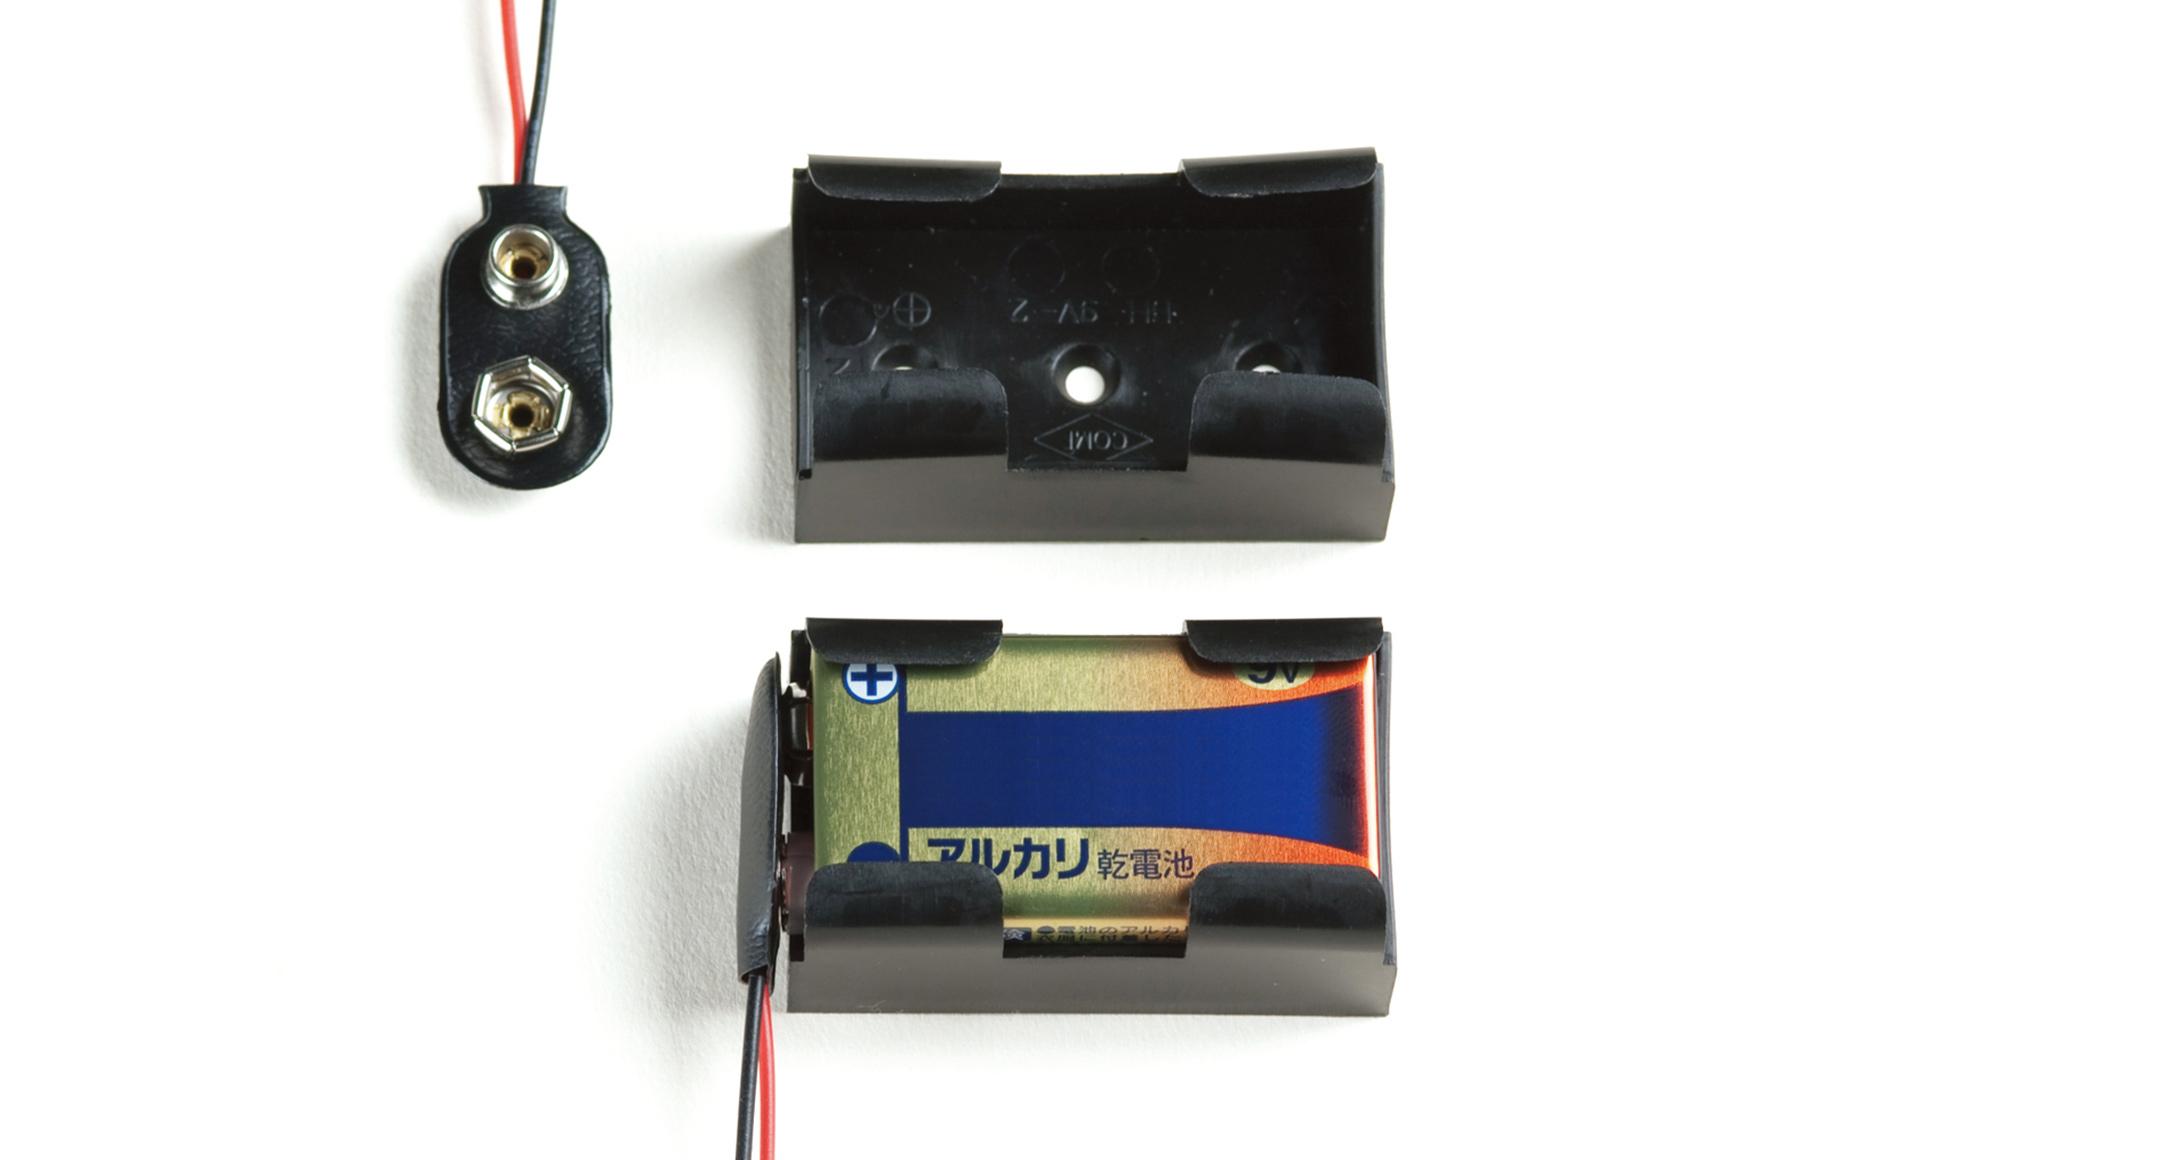 9V電池ホルダー・006P電池ホルダー BH-9Vシリーズの画像